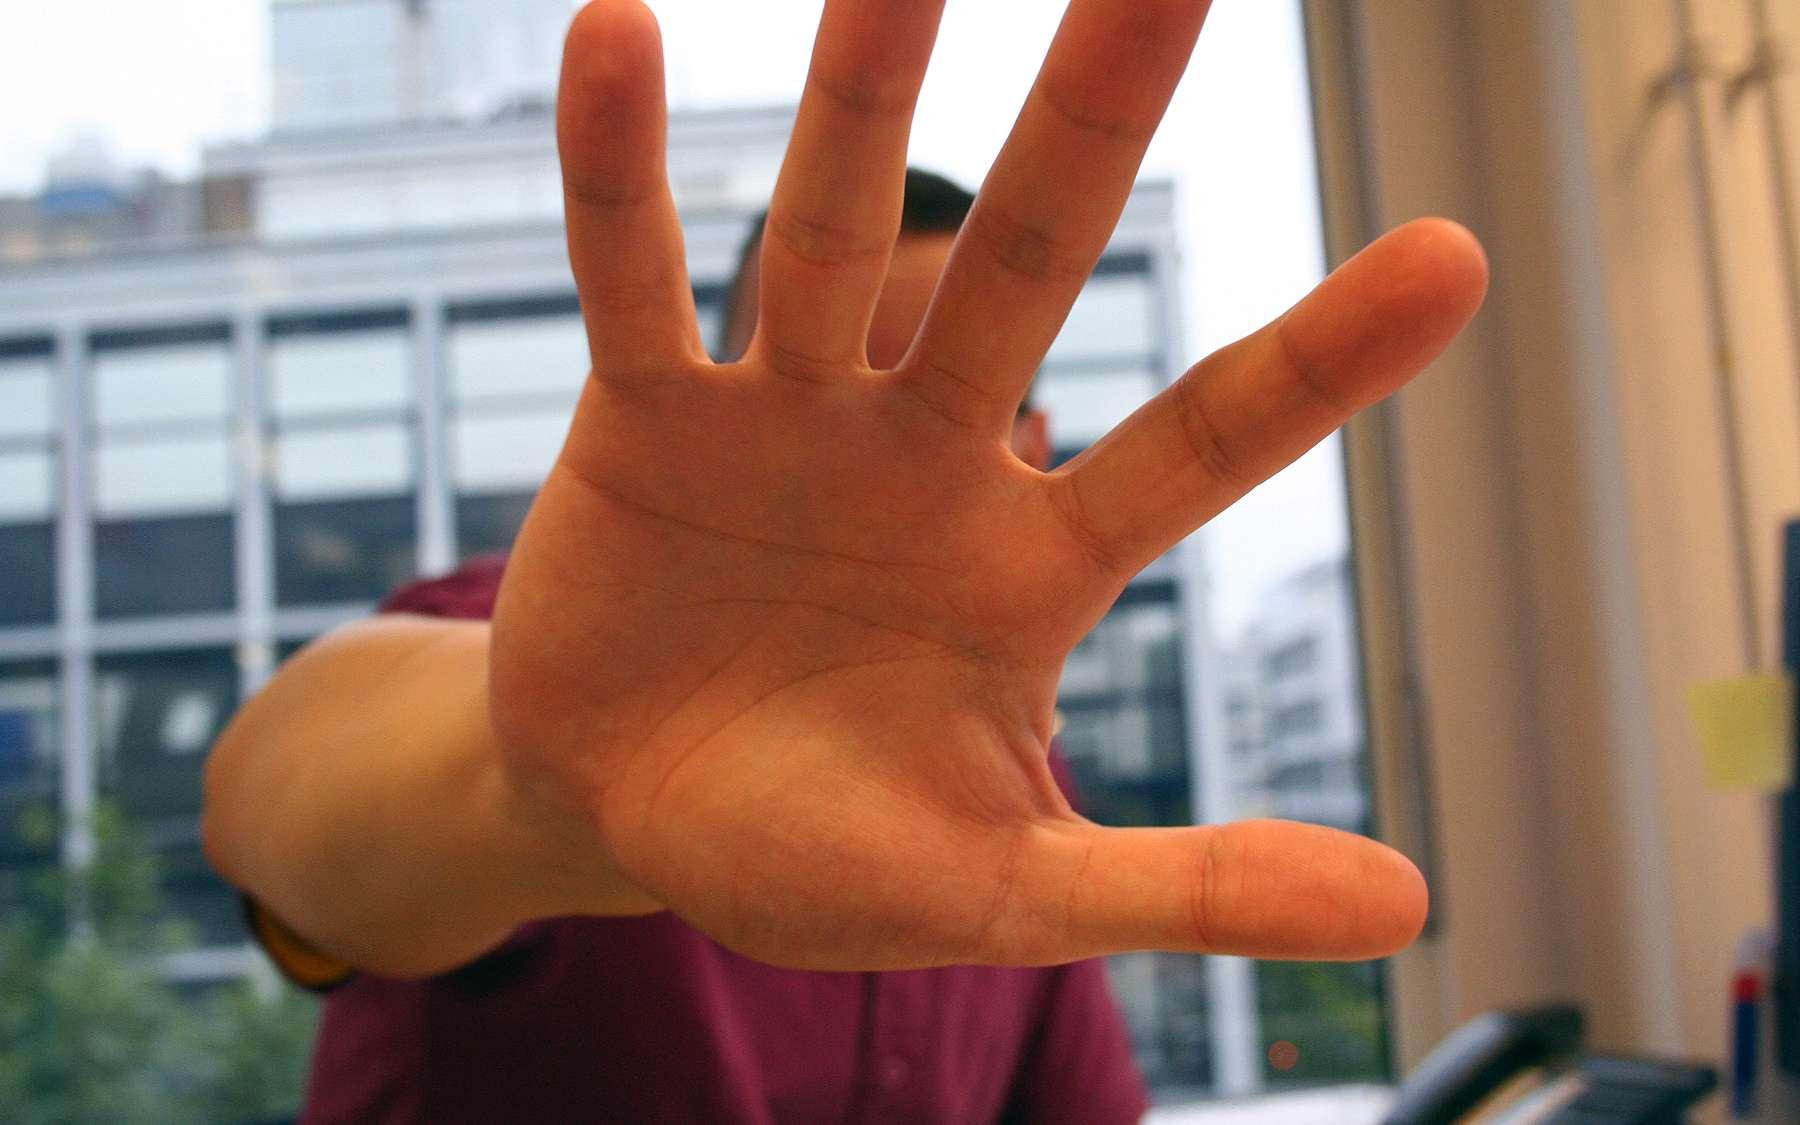 La séparation des doigts de la main est permise par l'apoptose des cellules. © Stockvault